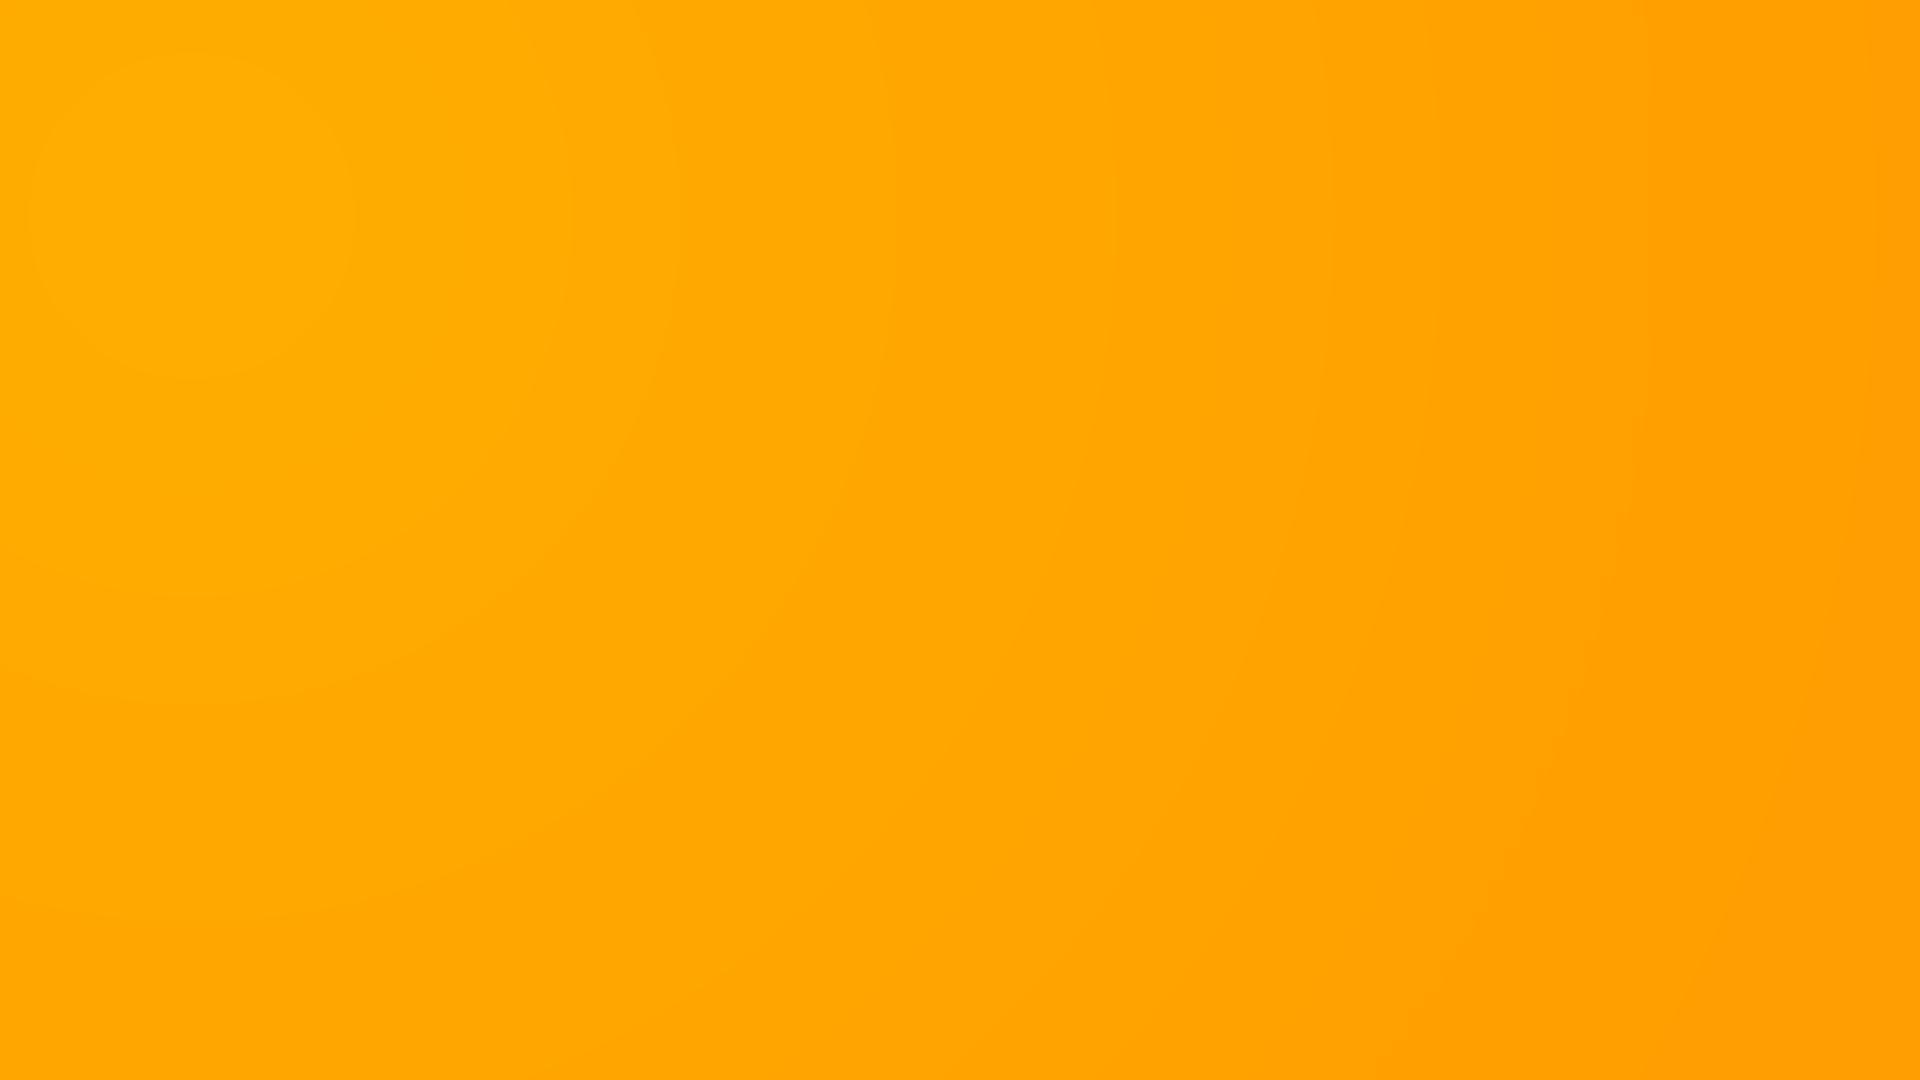 Supergolden to Golden Gradient